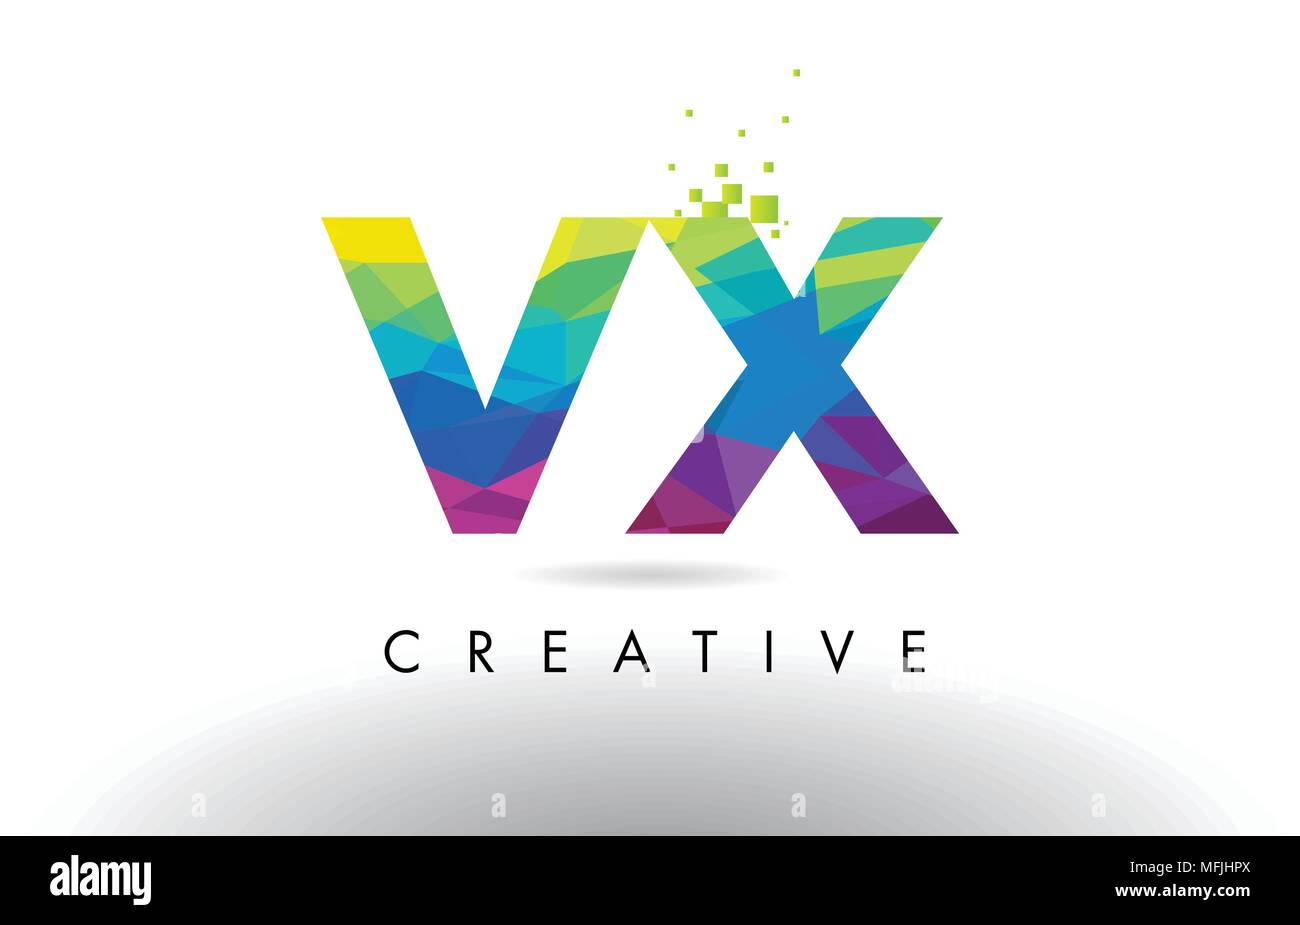 Vx Stock Photos & Vx Stock Images - Alamy